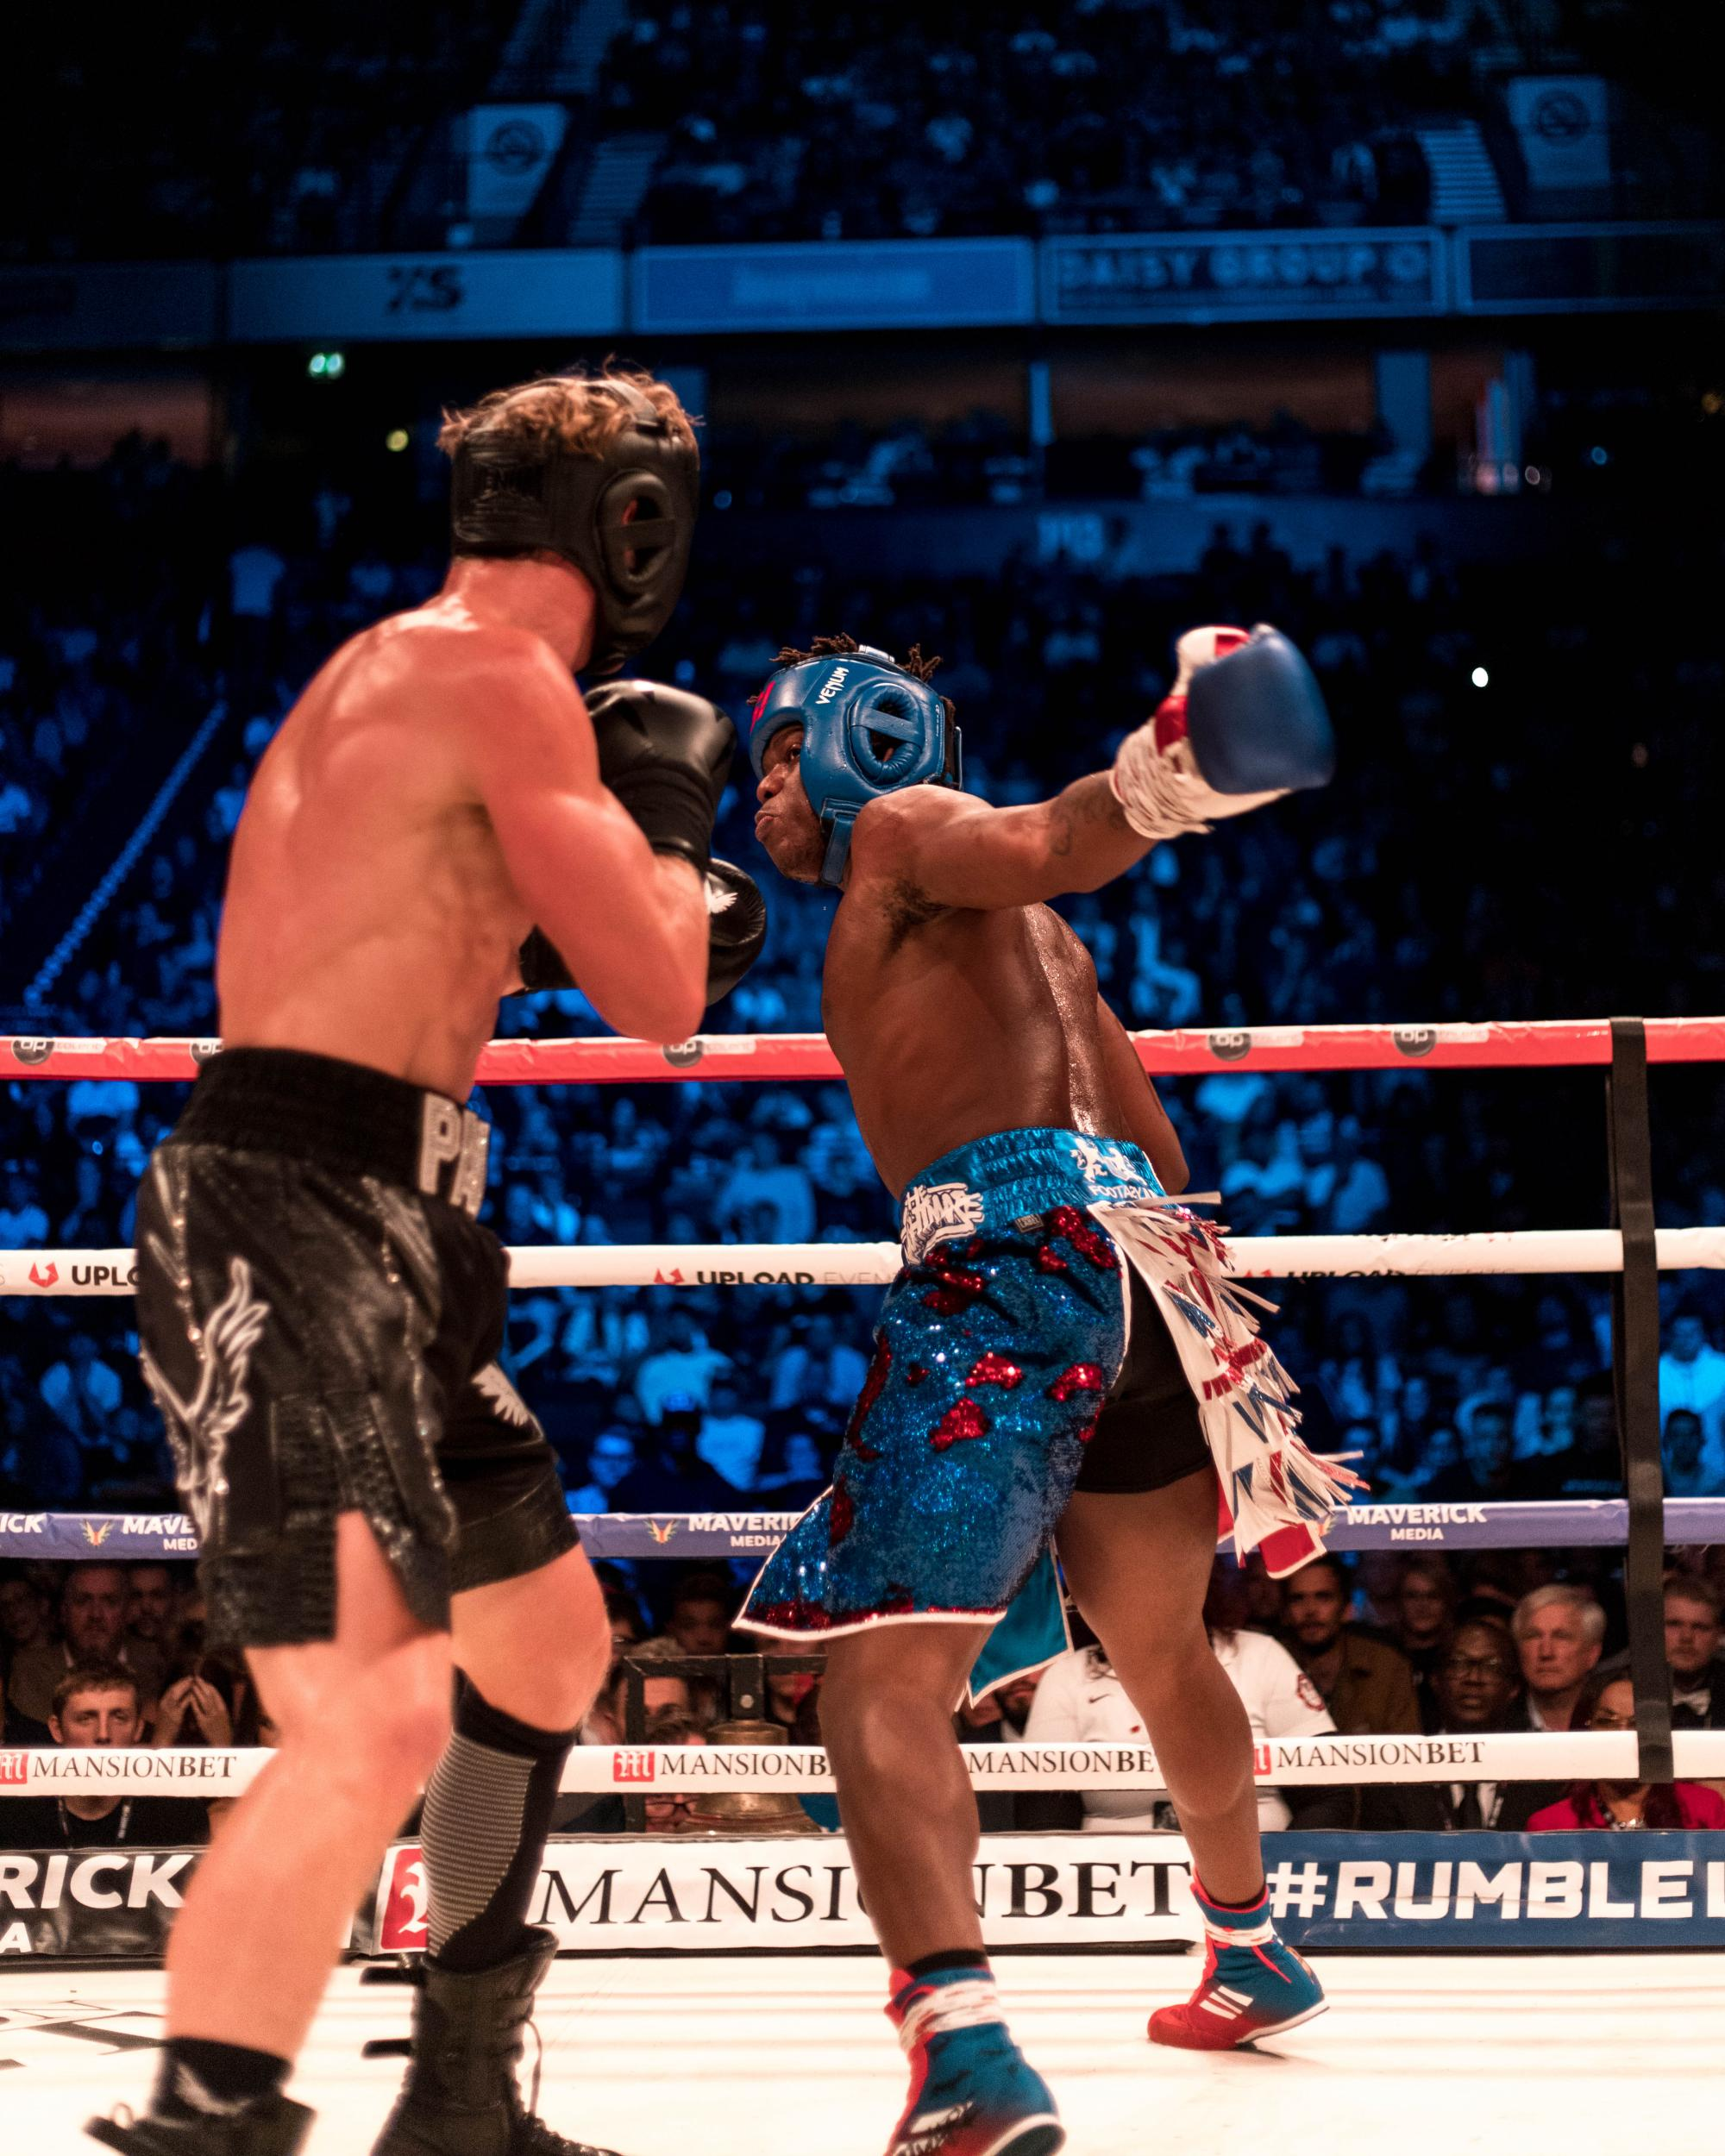 Ksi Vs Logan Paul 2 Popular You Tube Personalities Boxing: What Time Does The Fight Start Logan Paul Vs Ksi